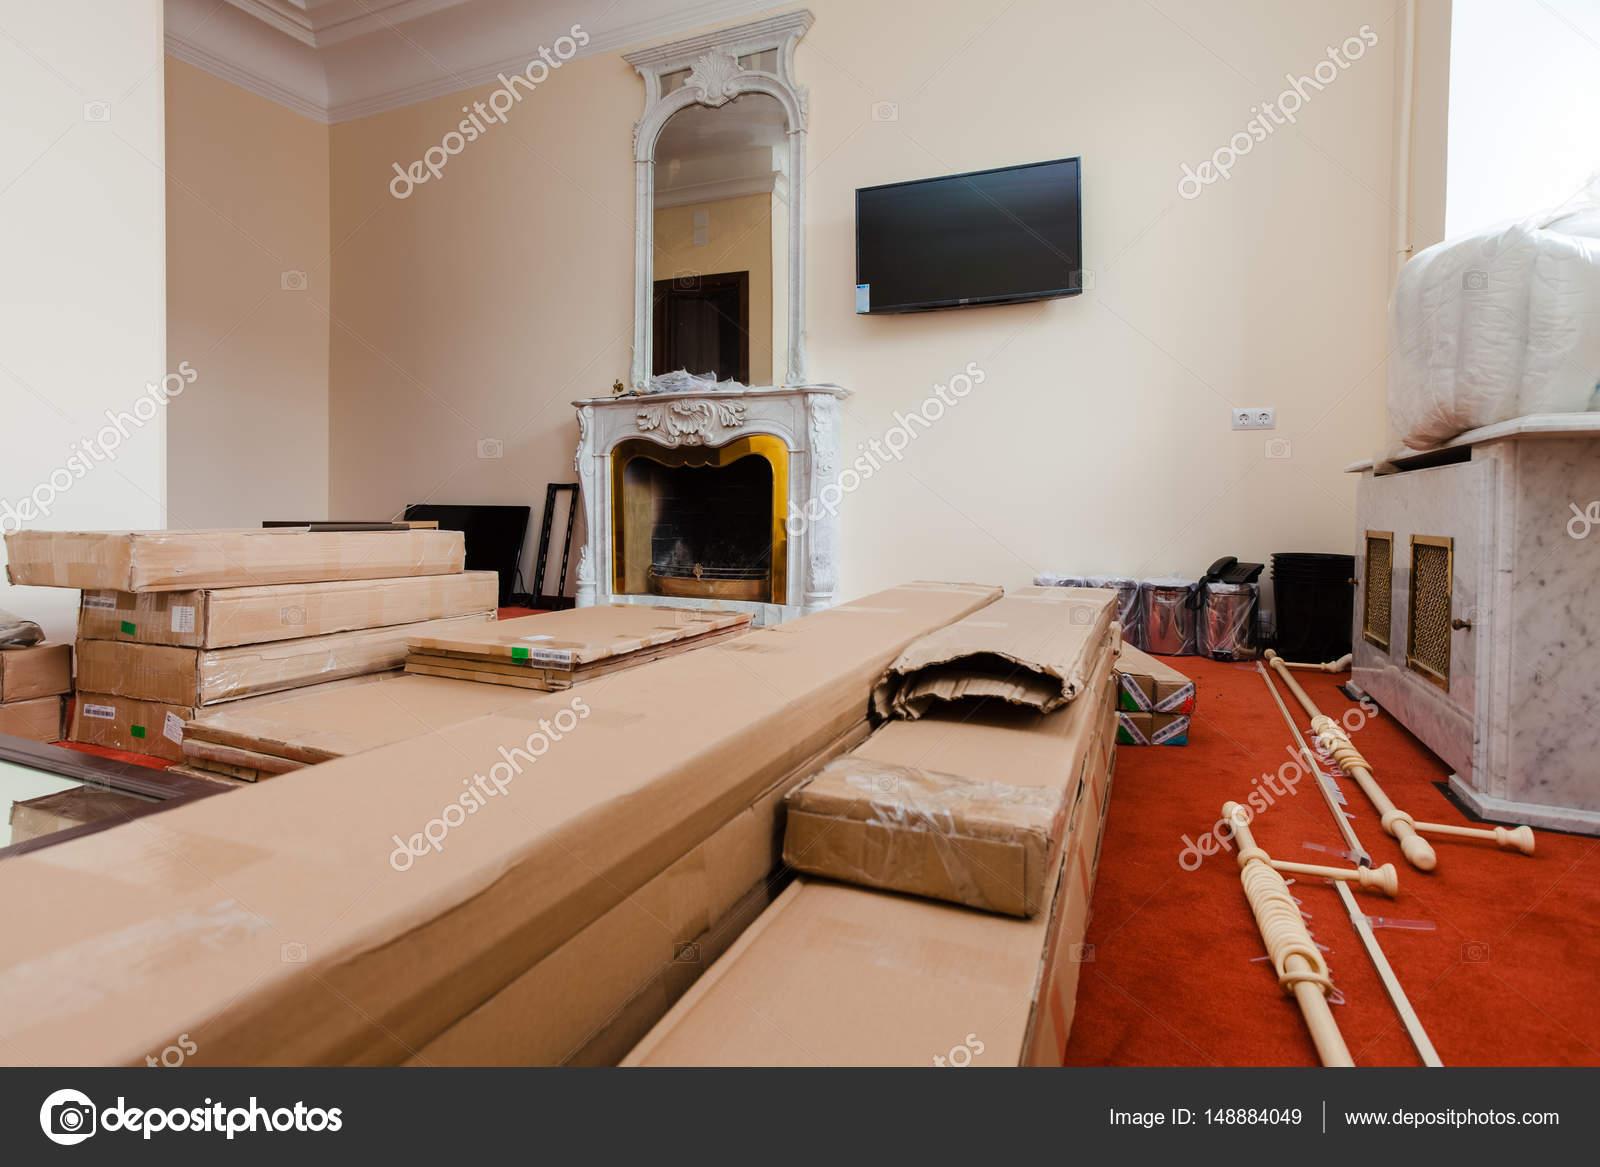 Tv In Vloer : Bouwmaterialen meubels telefoon zijn vloer appartement met retro